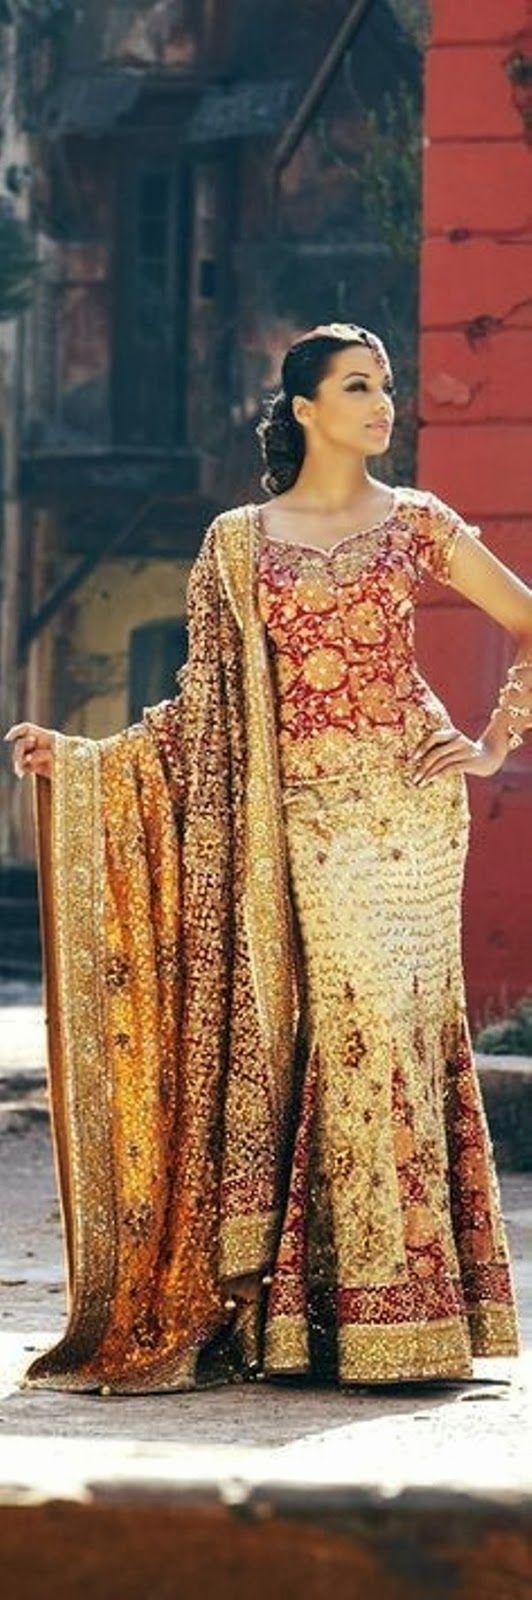 5702 besten Indian Dresses Bilder auf Pinterest